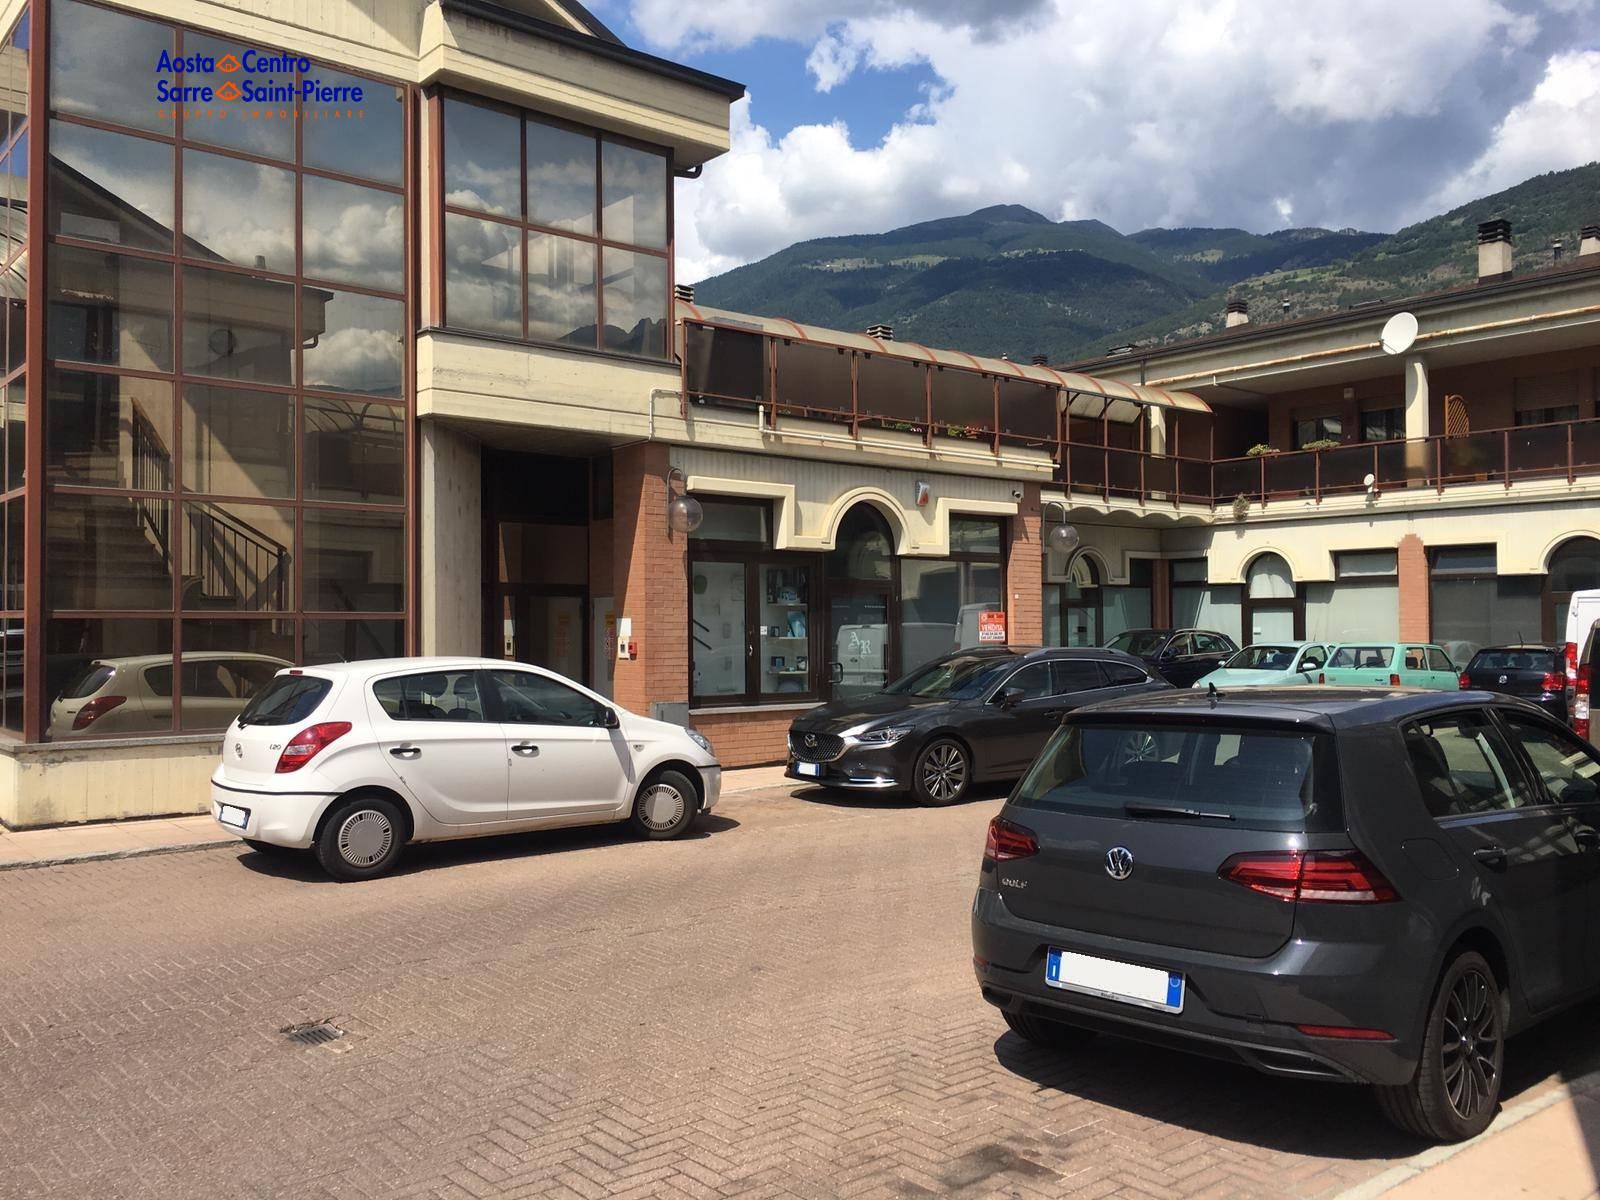 Negozio / Locale in vendita a Aosta, 9999 locali, zona centro, prezzo € 80.000 | PortaleAgenzieImmobiliari.it